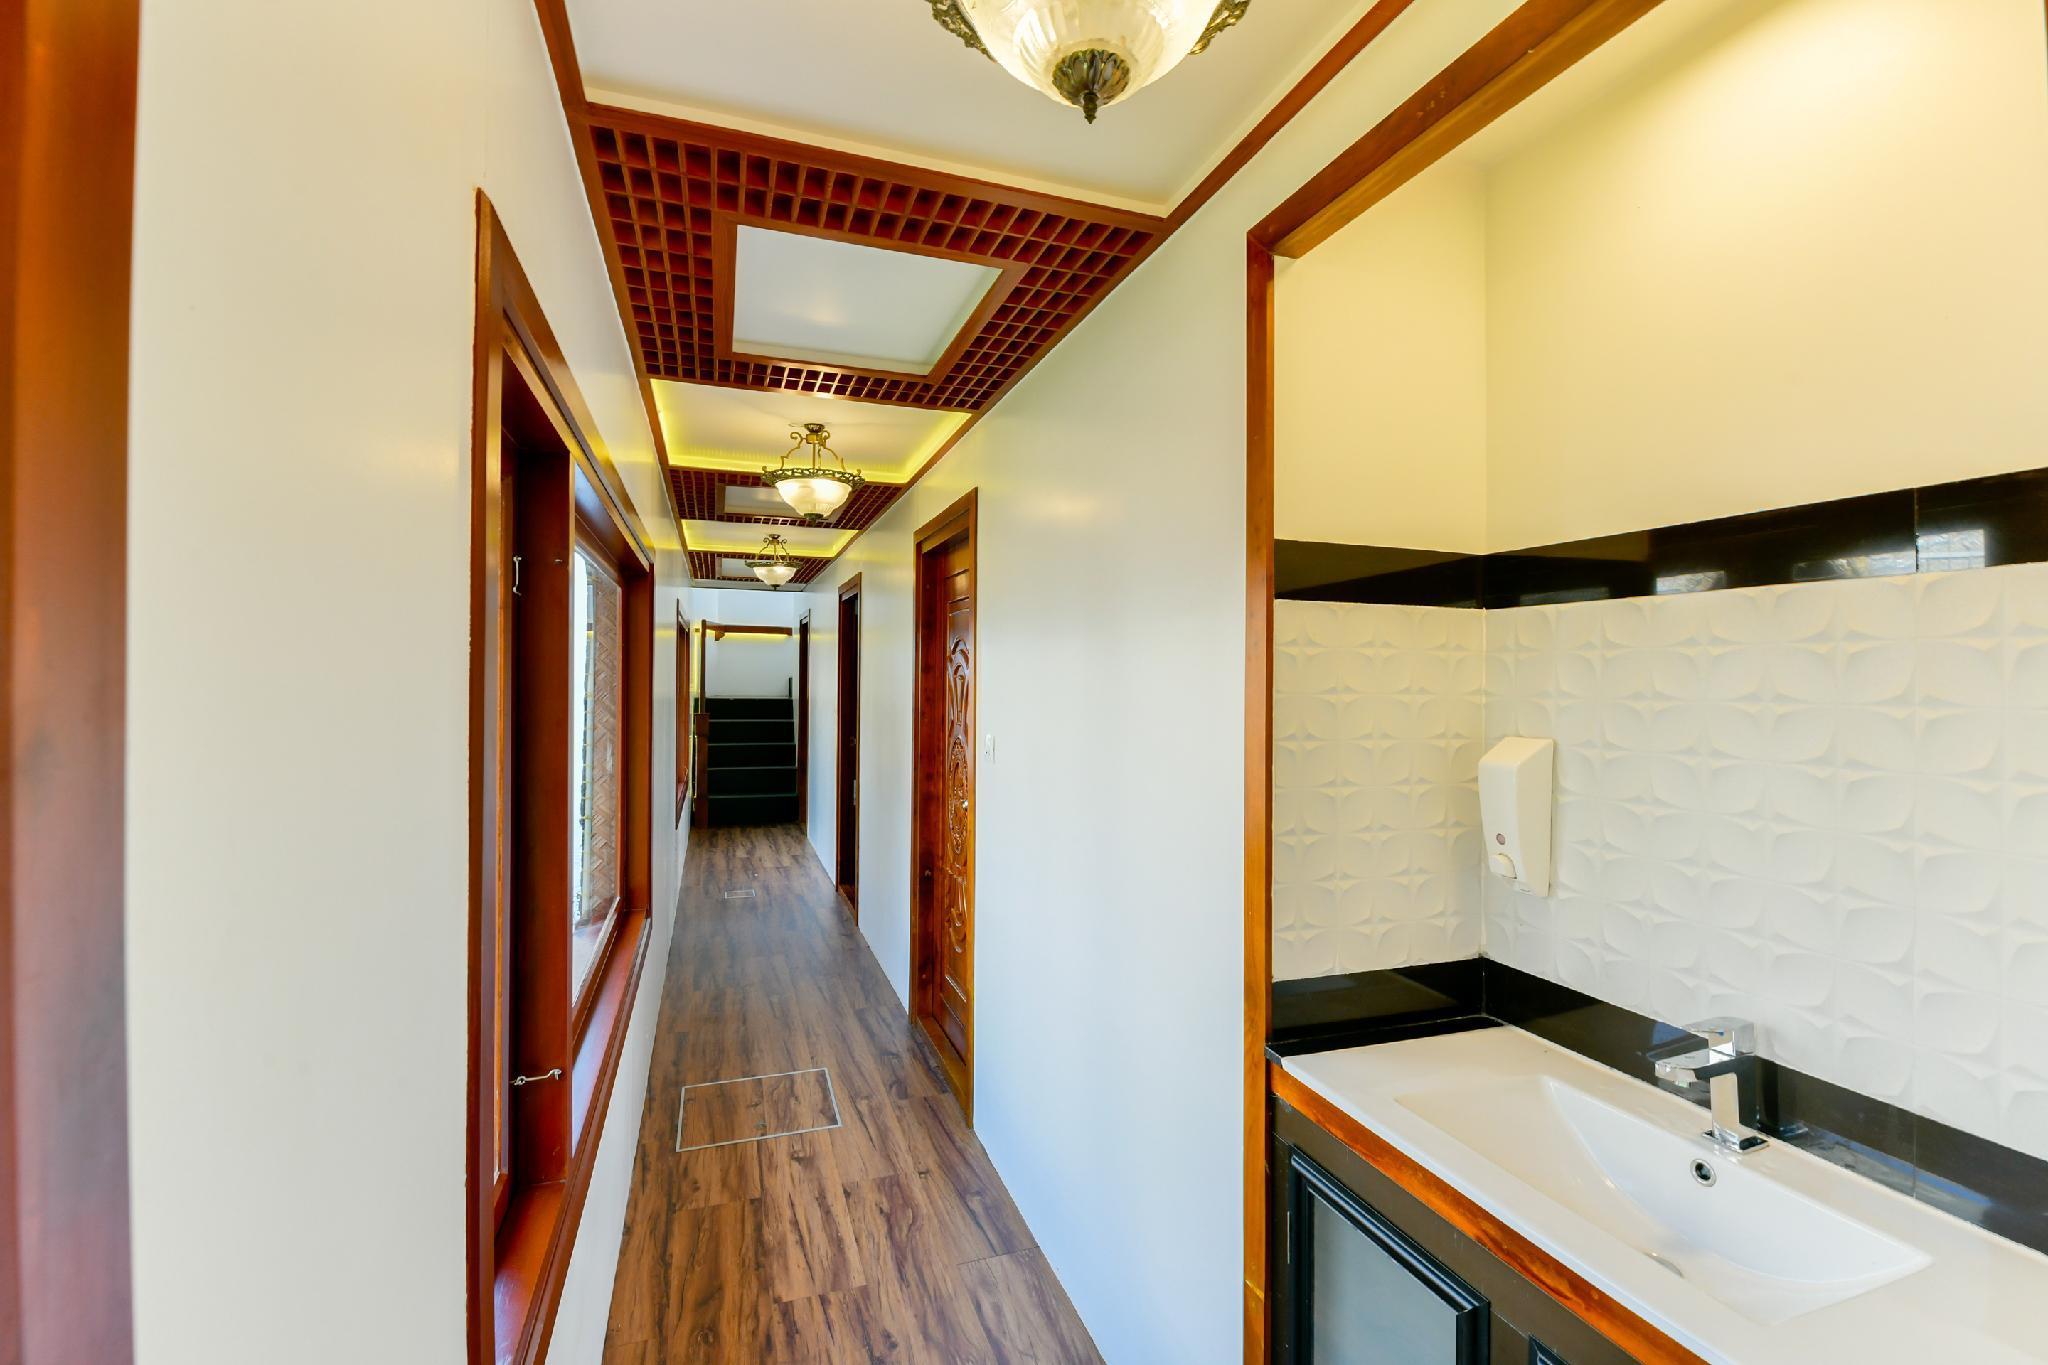 OYO 24463 Indigo Luxury 4bhk, Alappuzha